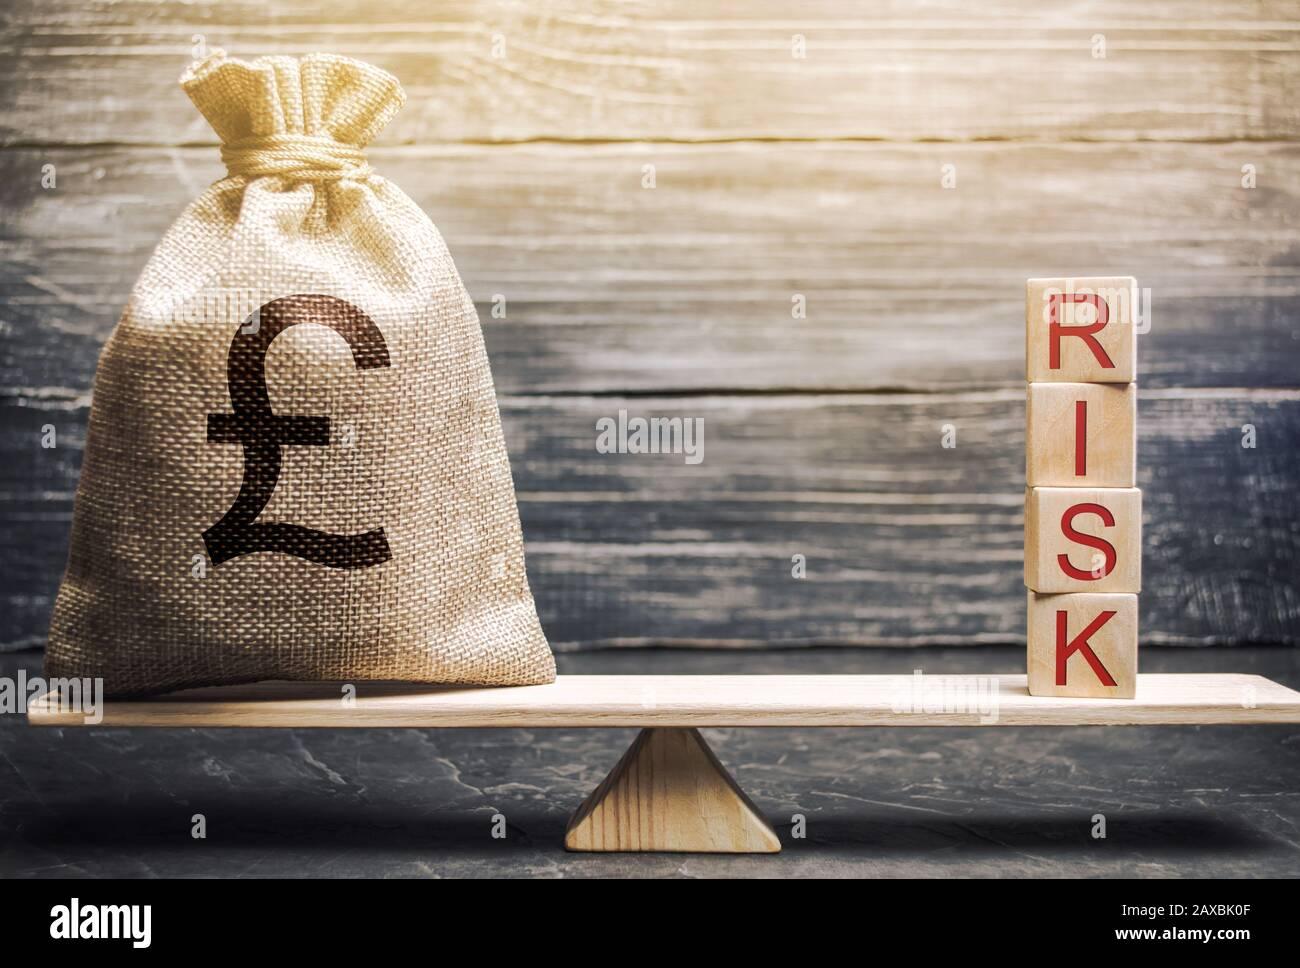 Bolsa de dinero y bloques de madera con la palabra Riesgo en las escalas. Gestión y evaluación de riesgos empresariales. Riesgos estratégicos, financieros y operativos. In Foto de stock